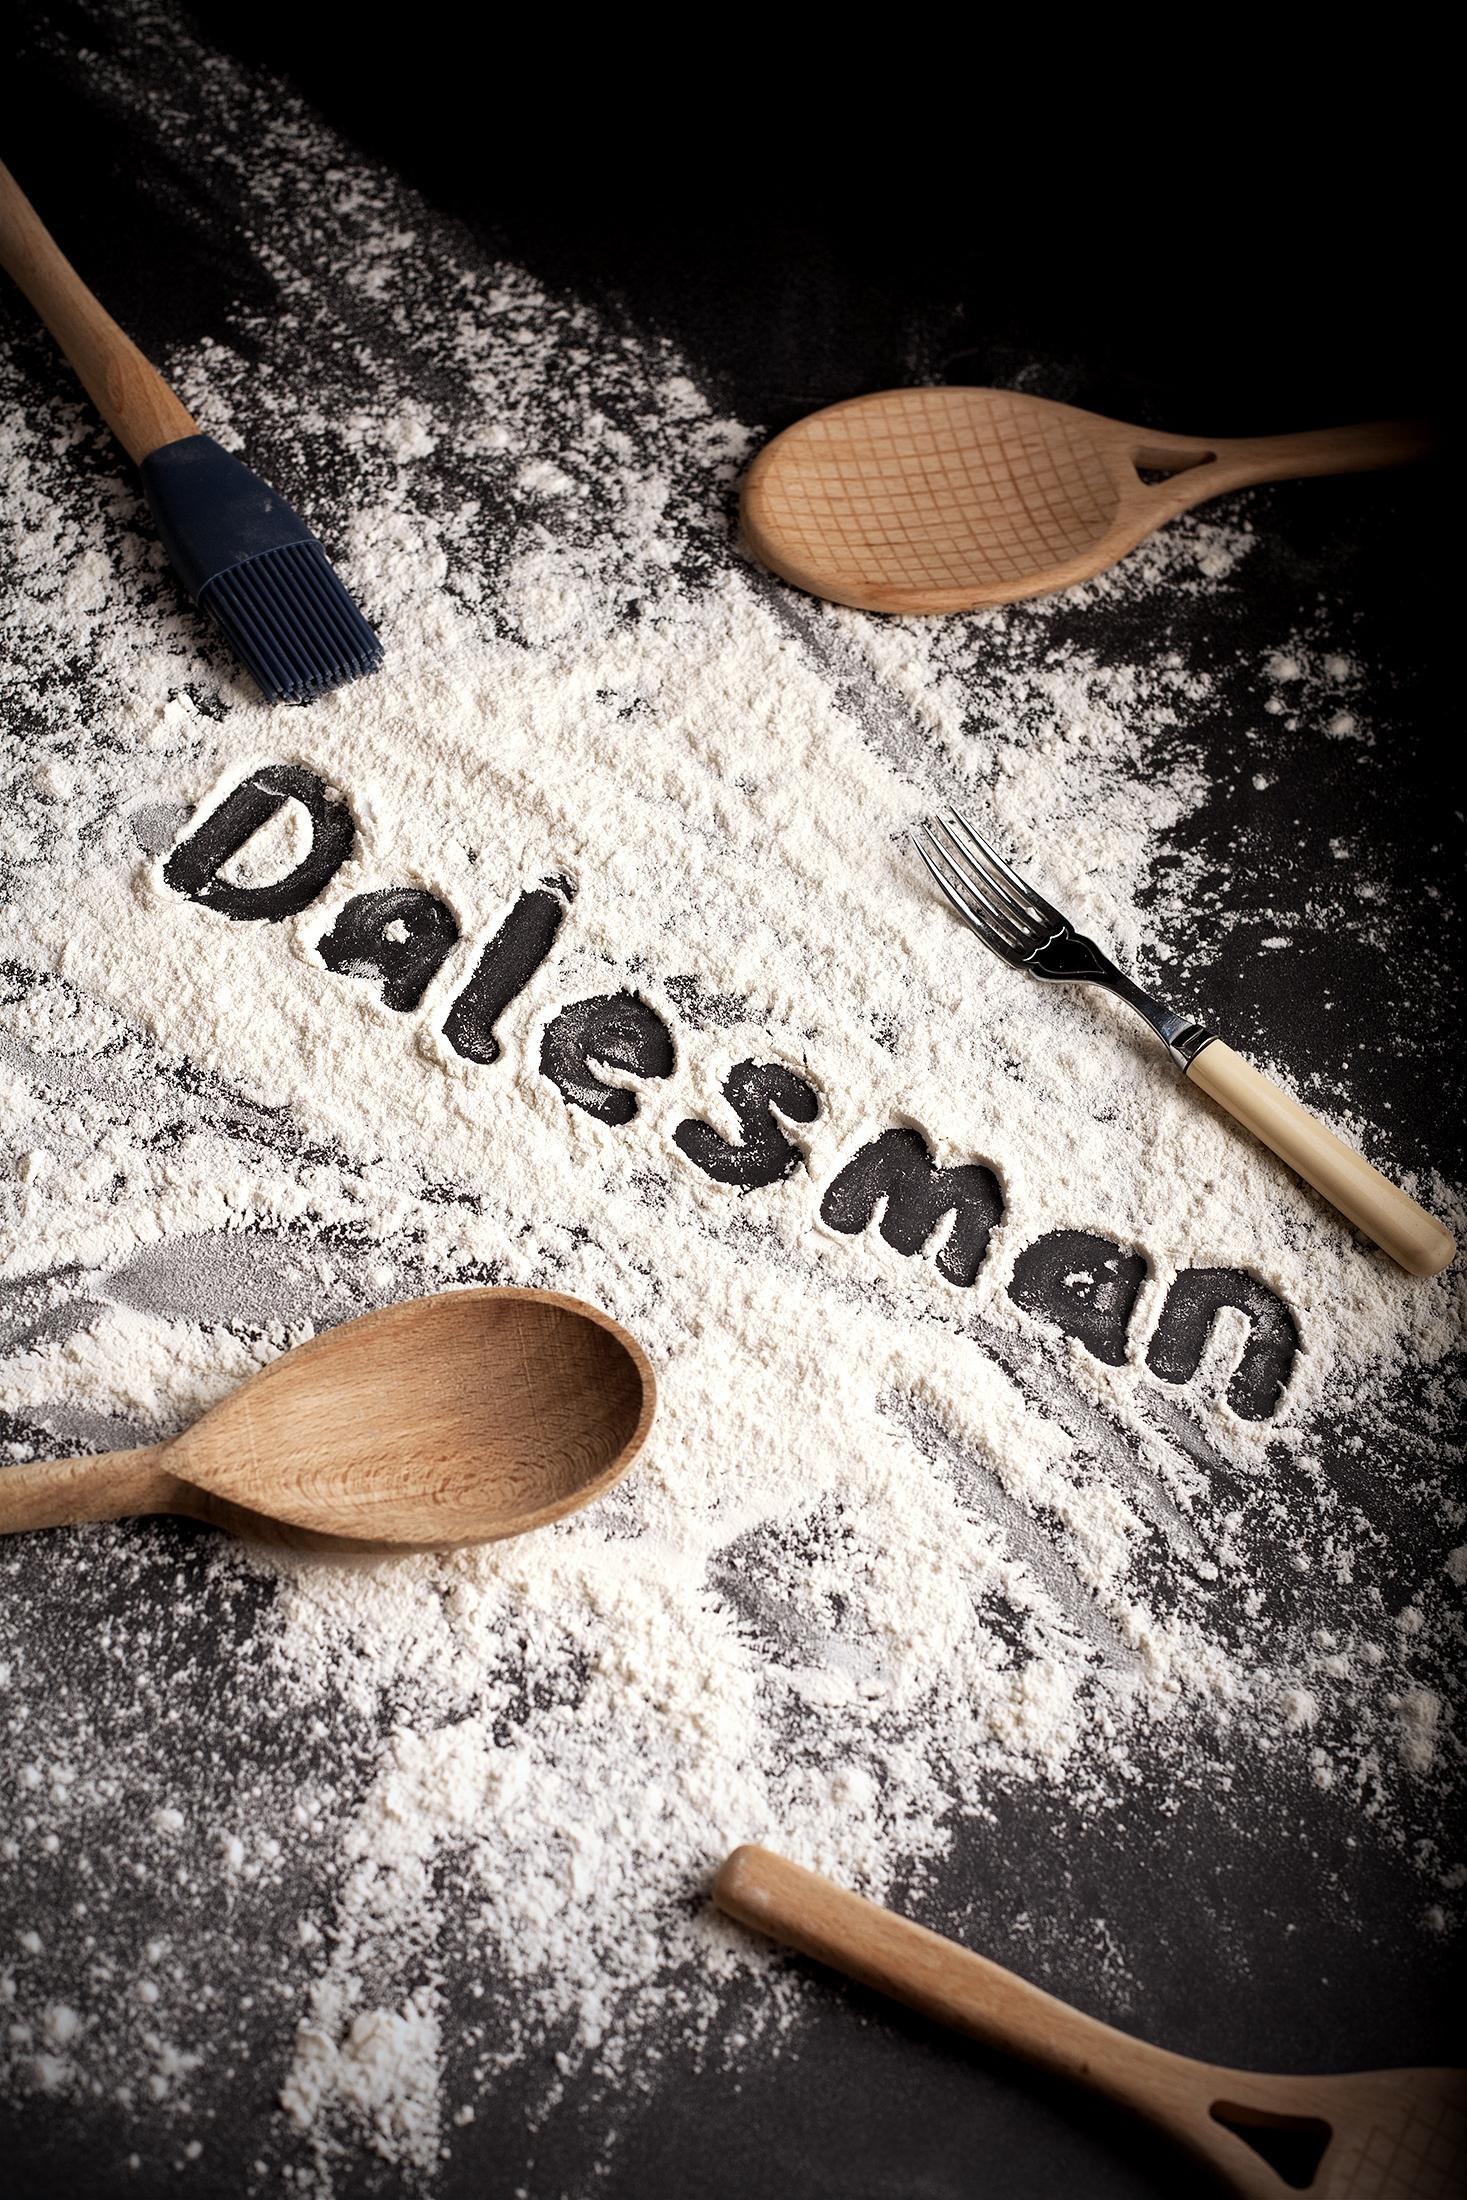 Dalesman flour by Harry J Bartlett